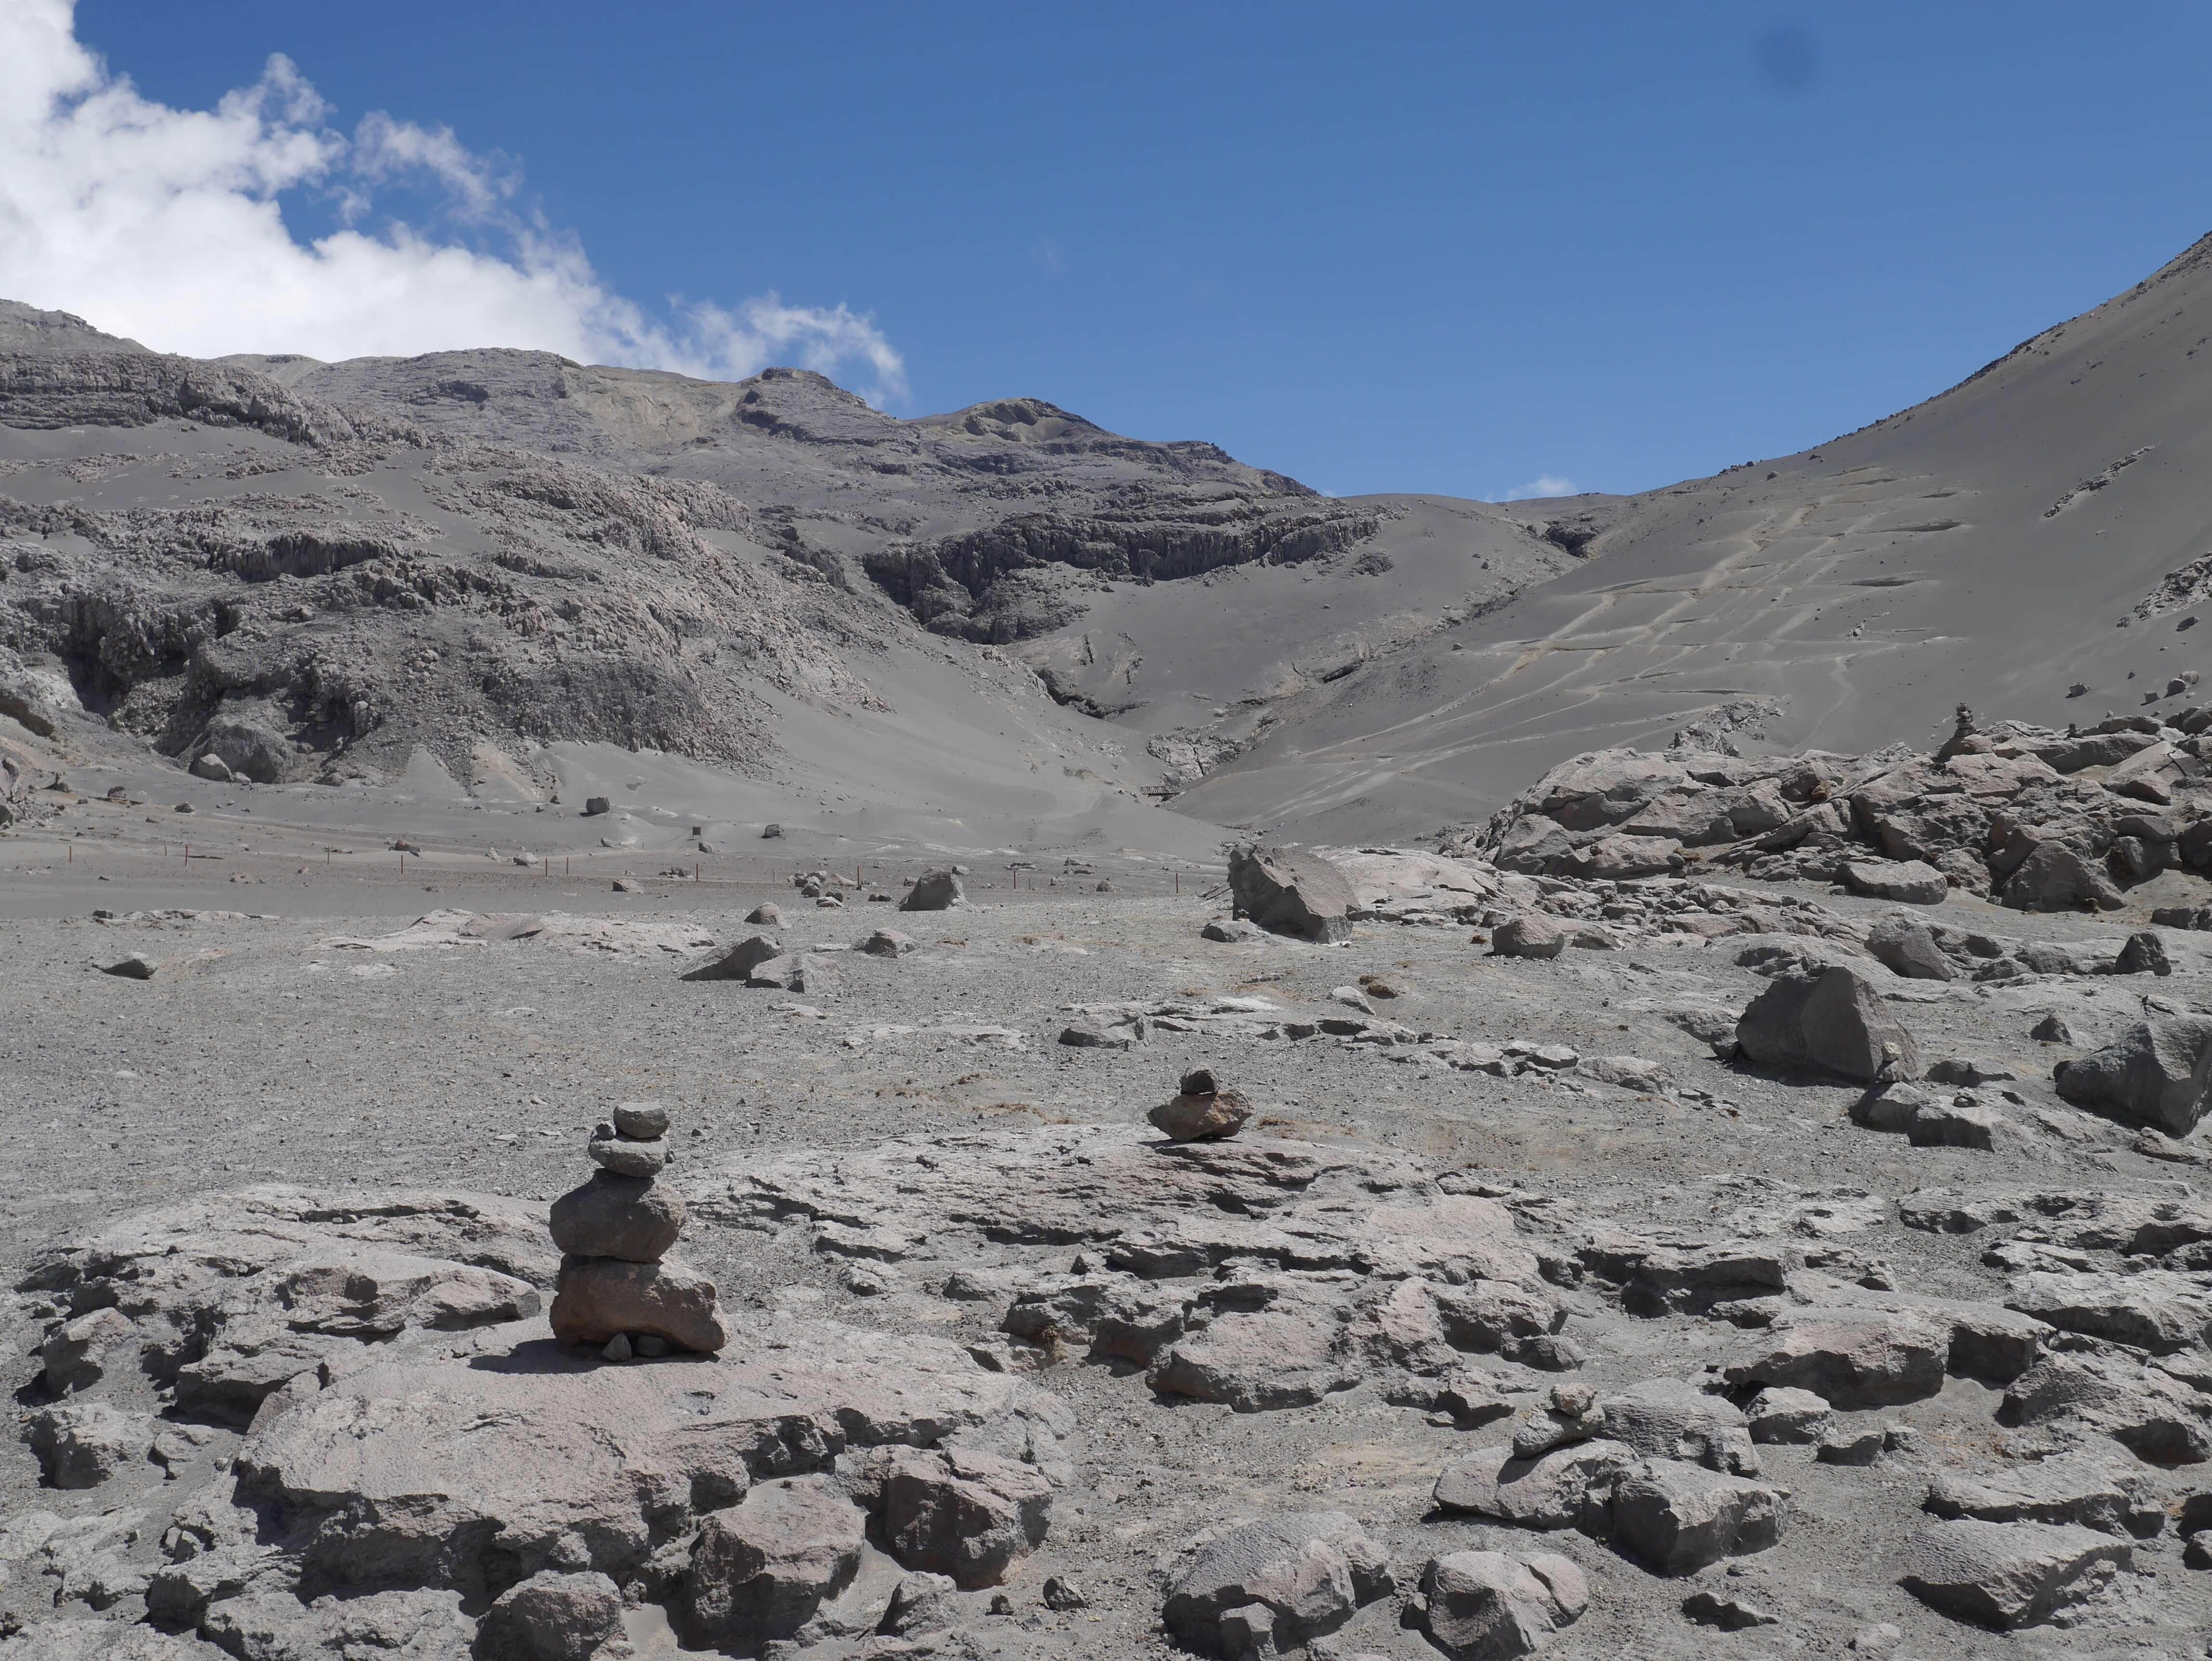 Parque-Nacional-Los-Nevados-Colombia-volcán-piedras-ceniza